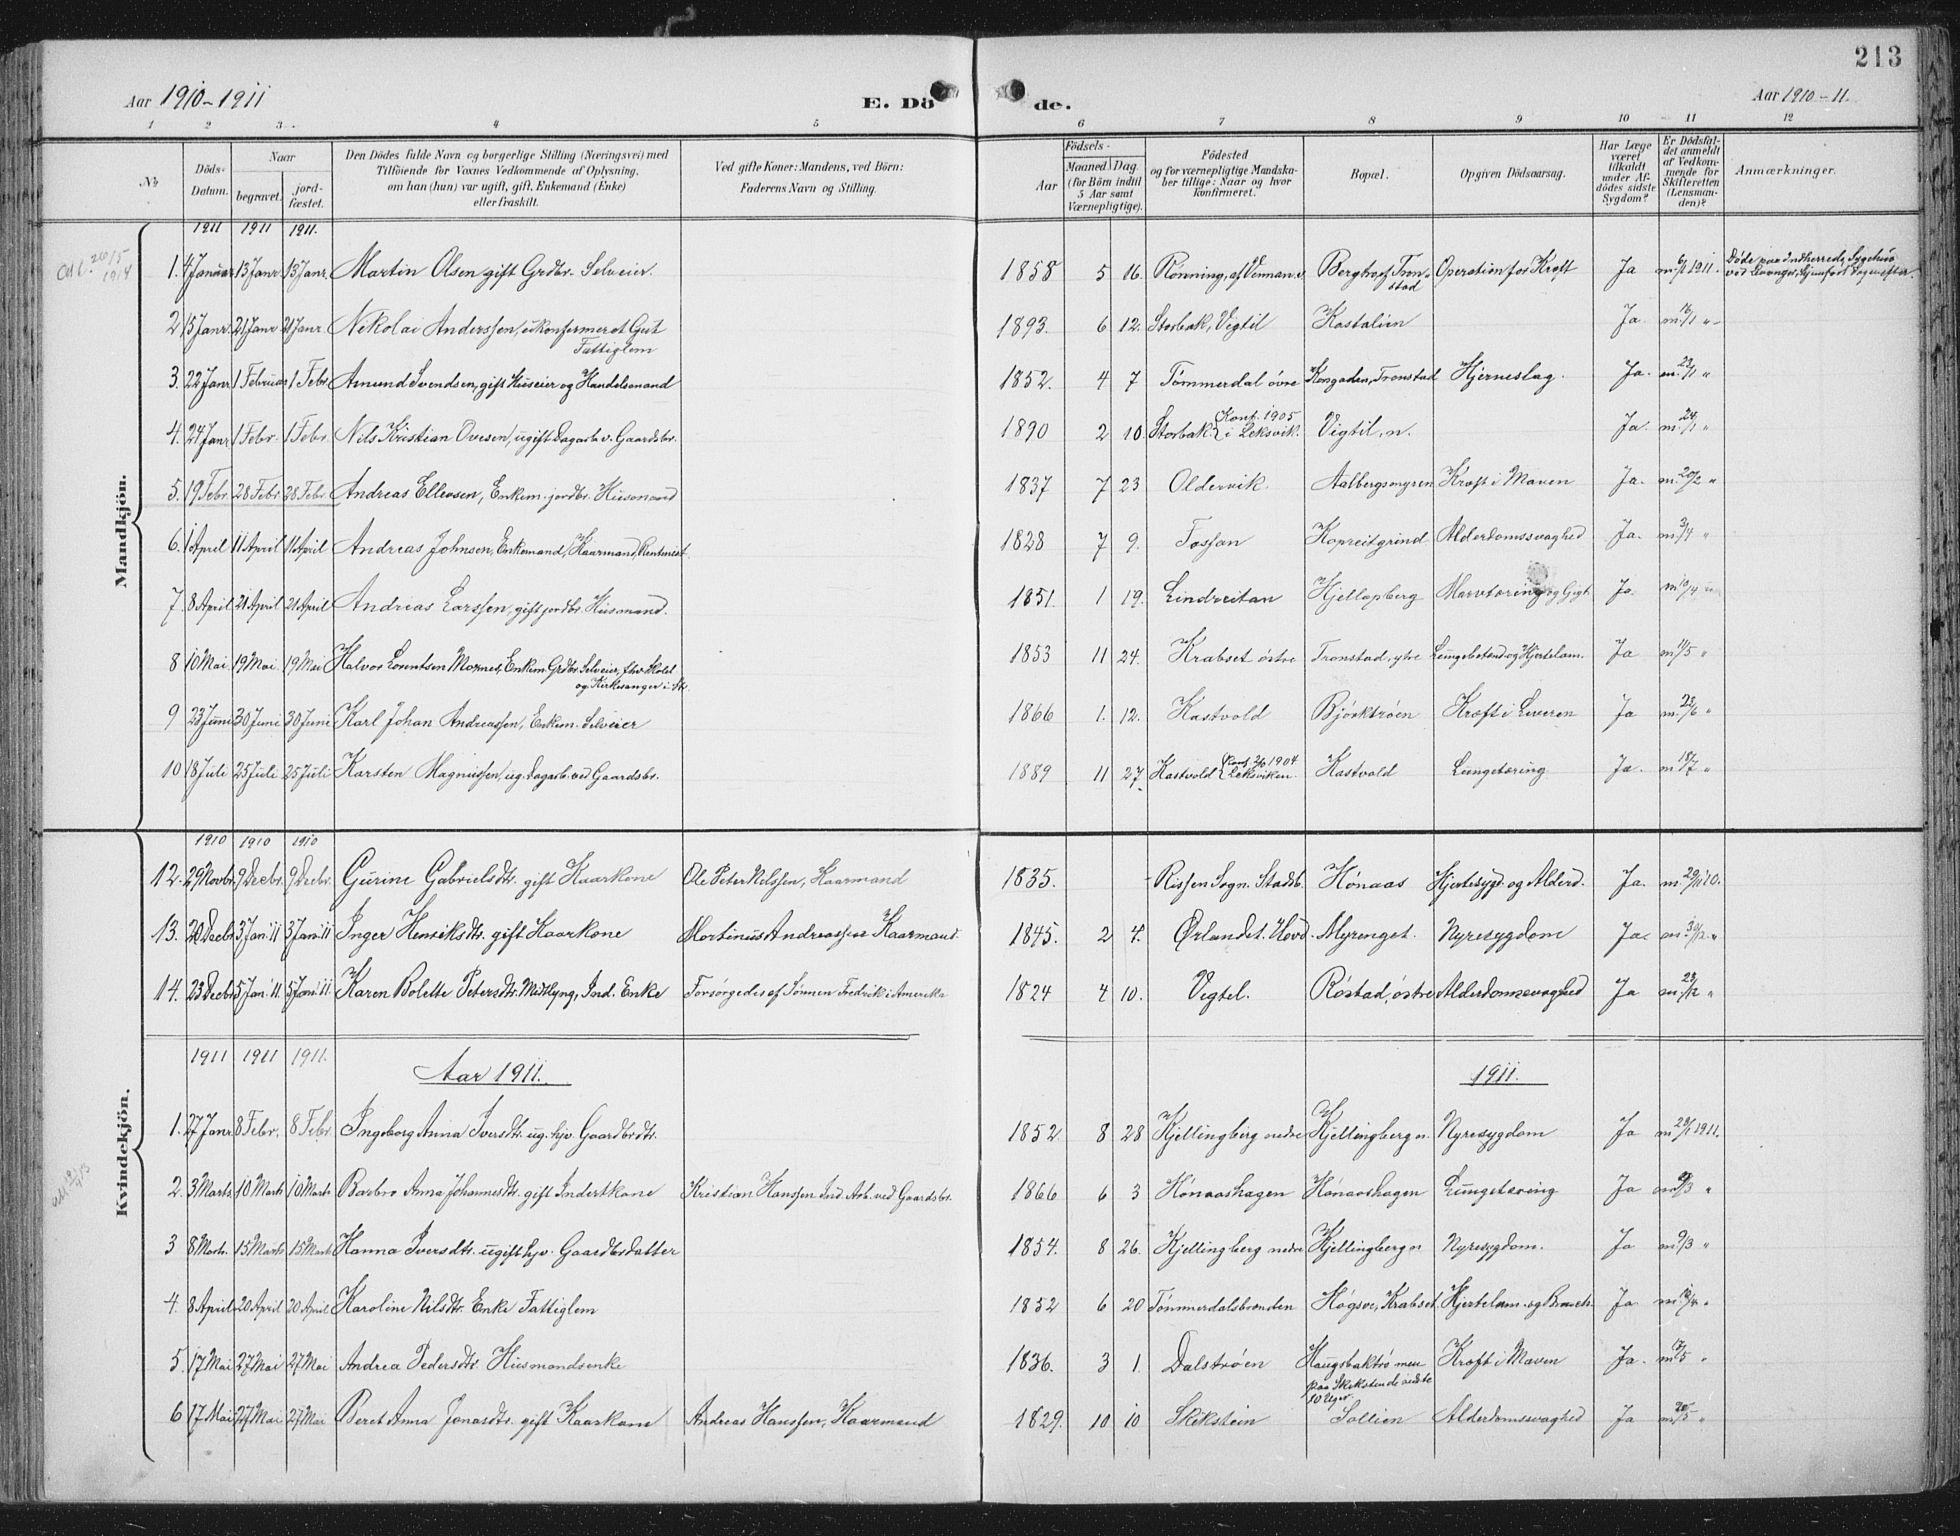 SAT, Ministerialprotokoller, klokkerbøker og fødselsregistre - Nord-Trøndelag, 701/L0011: Parish register (official) no. 701A11, 1899-1915, p. 213